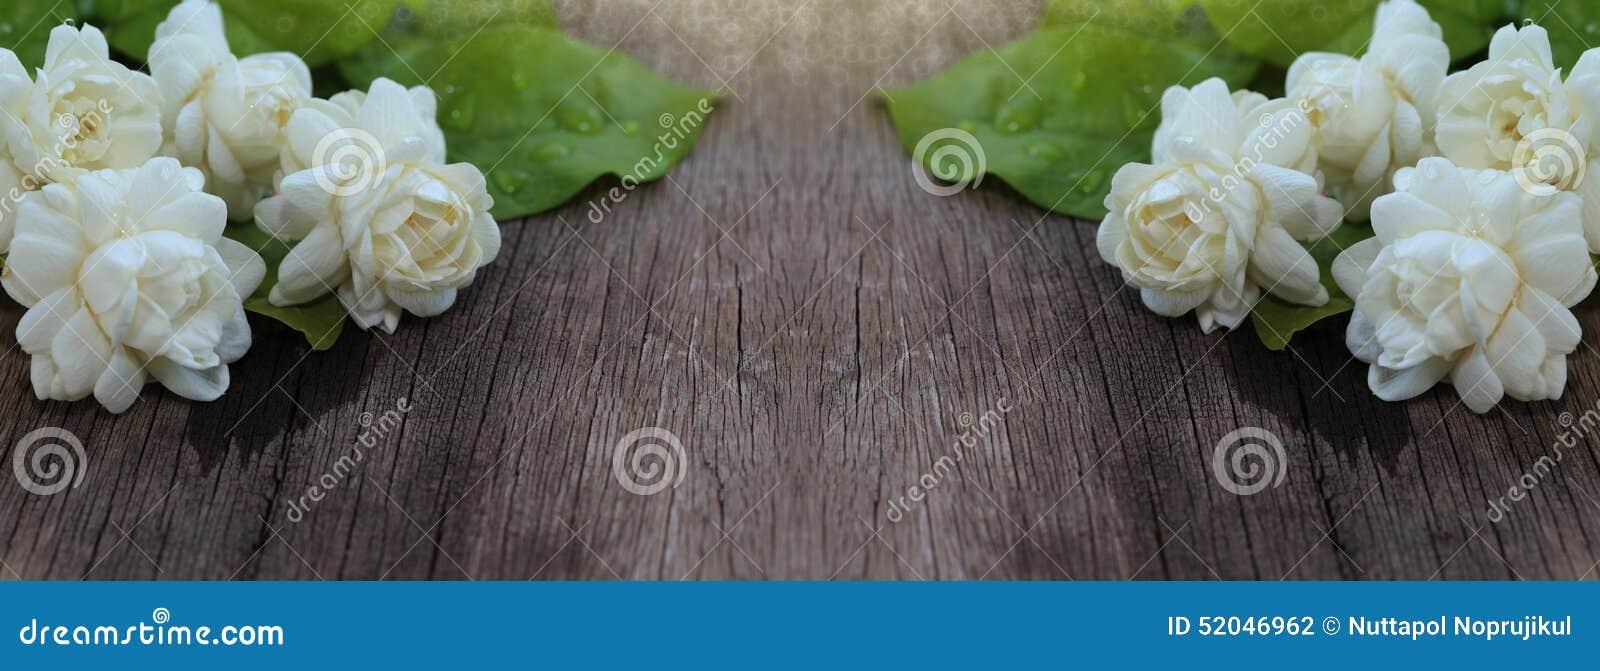 Flor tropical del jazmín en la madera Flores y hojas del jazmín en el Br